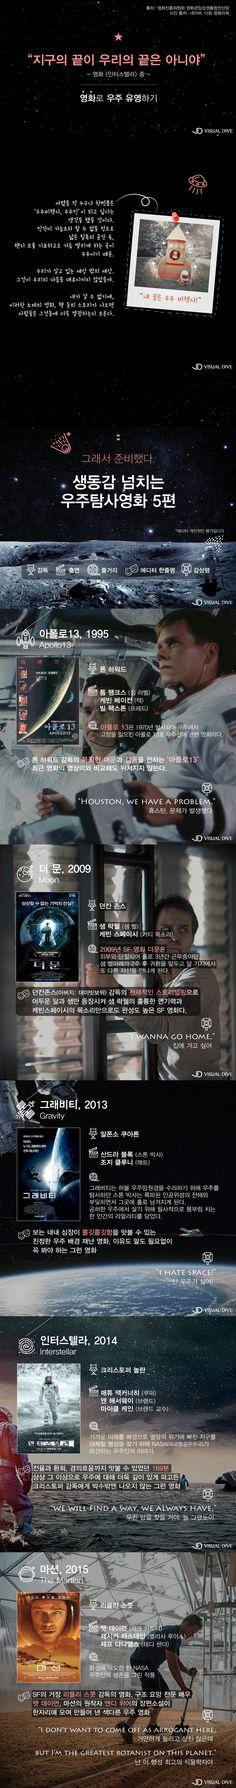 스크린으로 '우주' 유영하기…우주탐사영화 BEST 5 [카드뉴스] #Movie / #Cardnews ⓒ 비주얼다이브 무단 복사·전재·재배포 금지